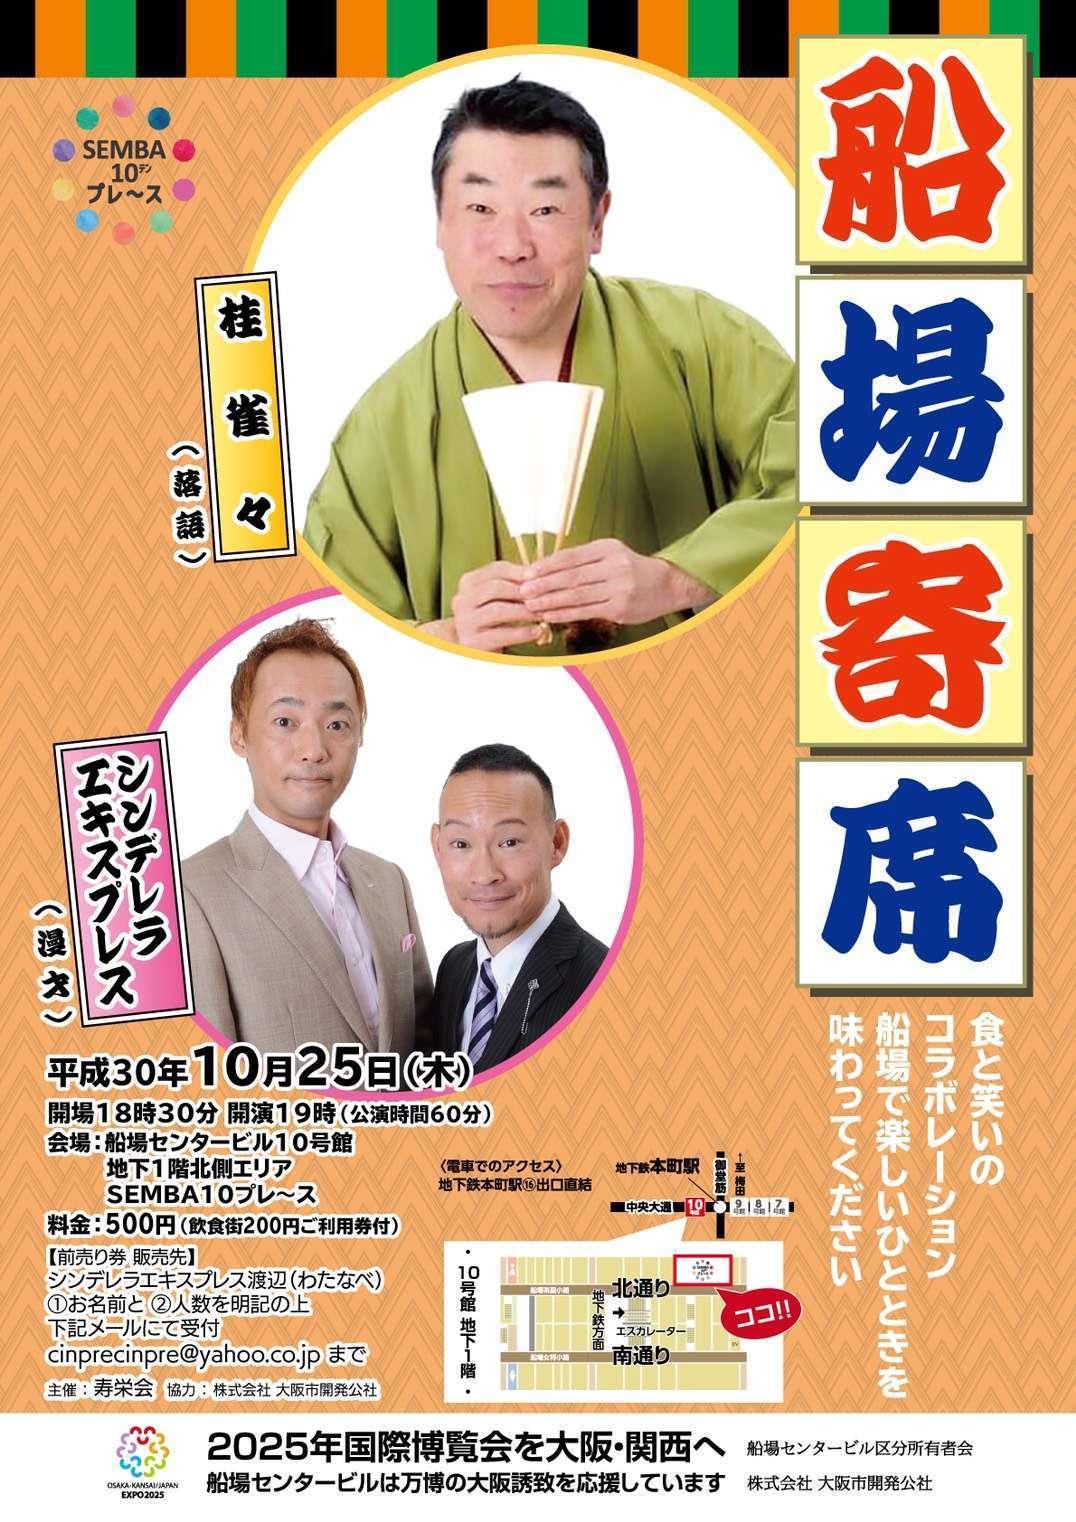 【イベント】船場寄席 其の四!ゲスト 桂雀々さん!